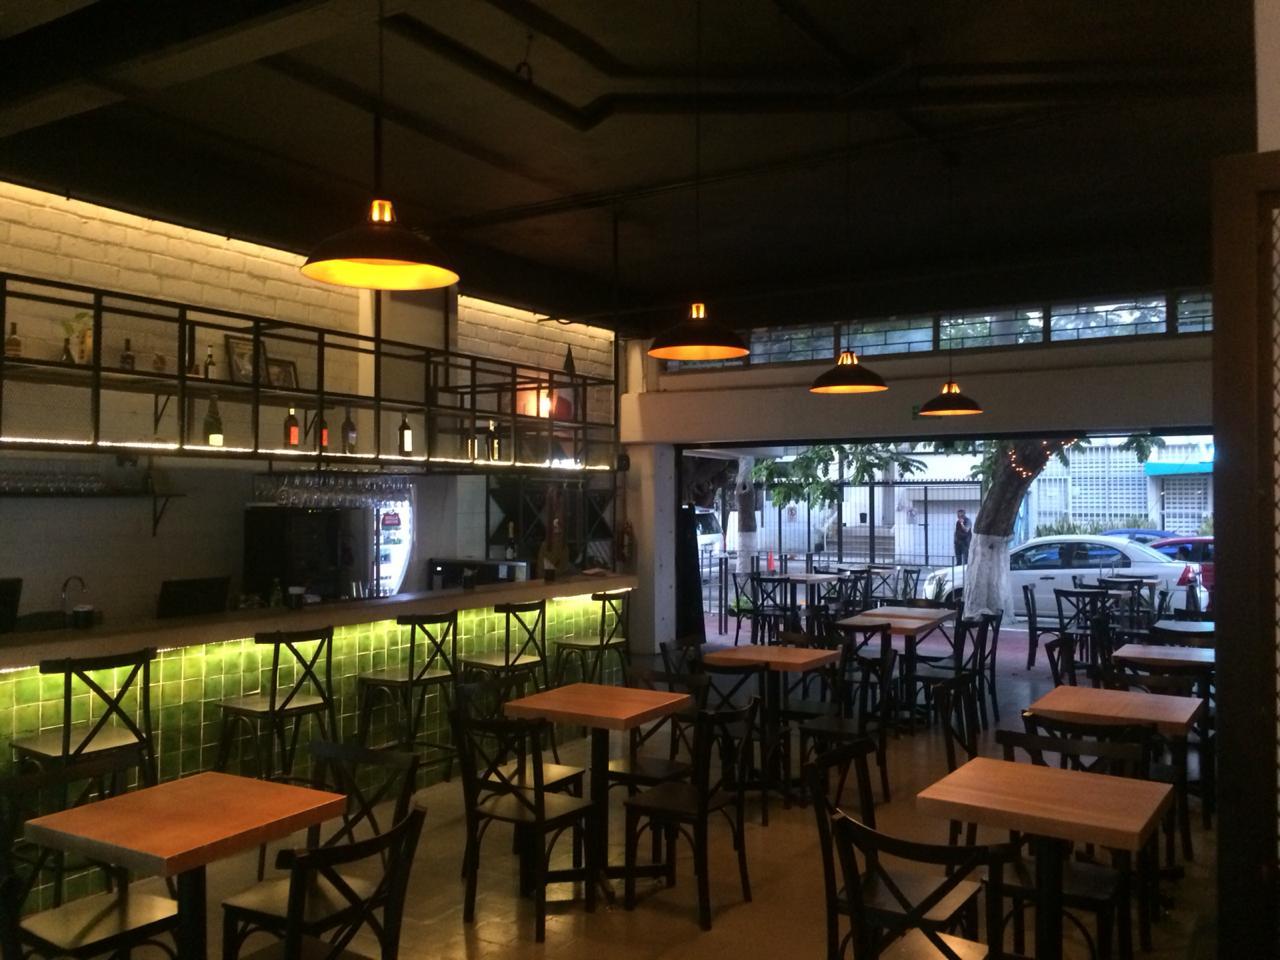 Se Traspasa Bar o Restaurante en Chapultepec Guadalajara